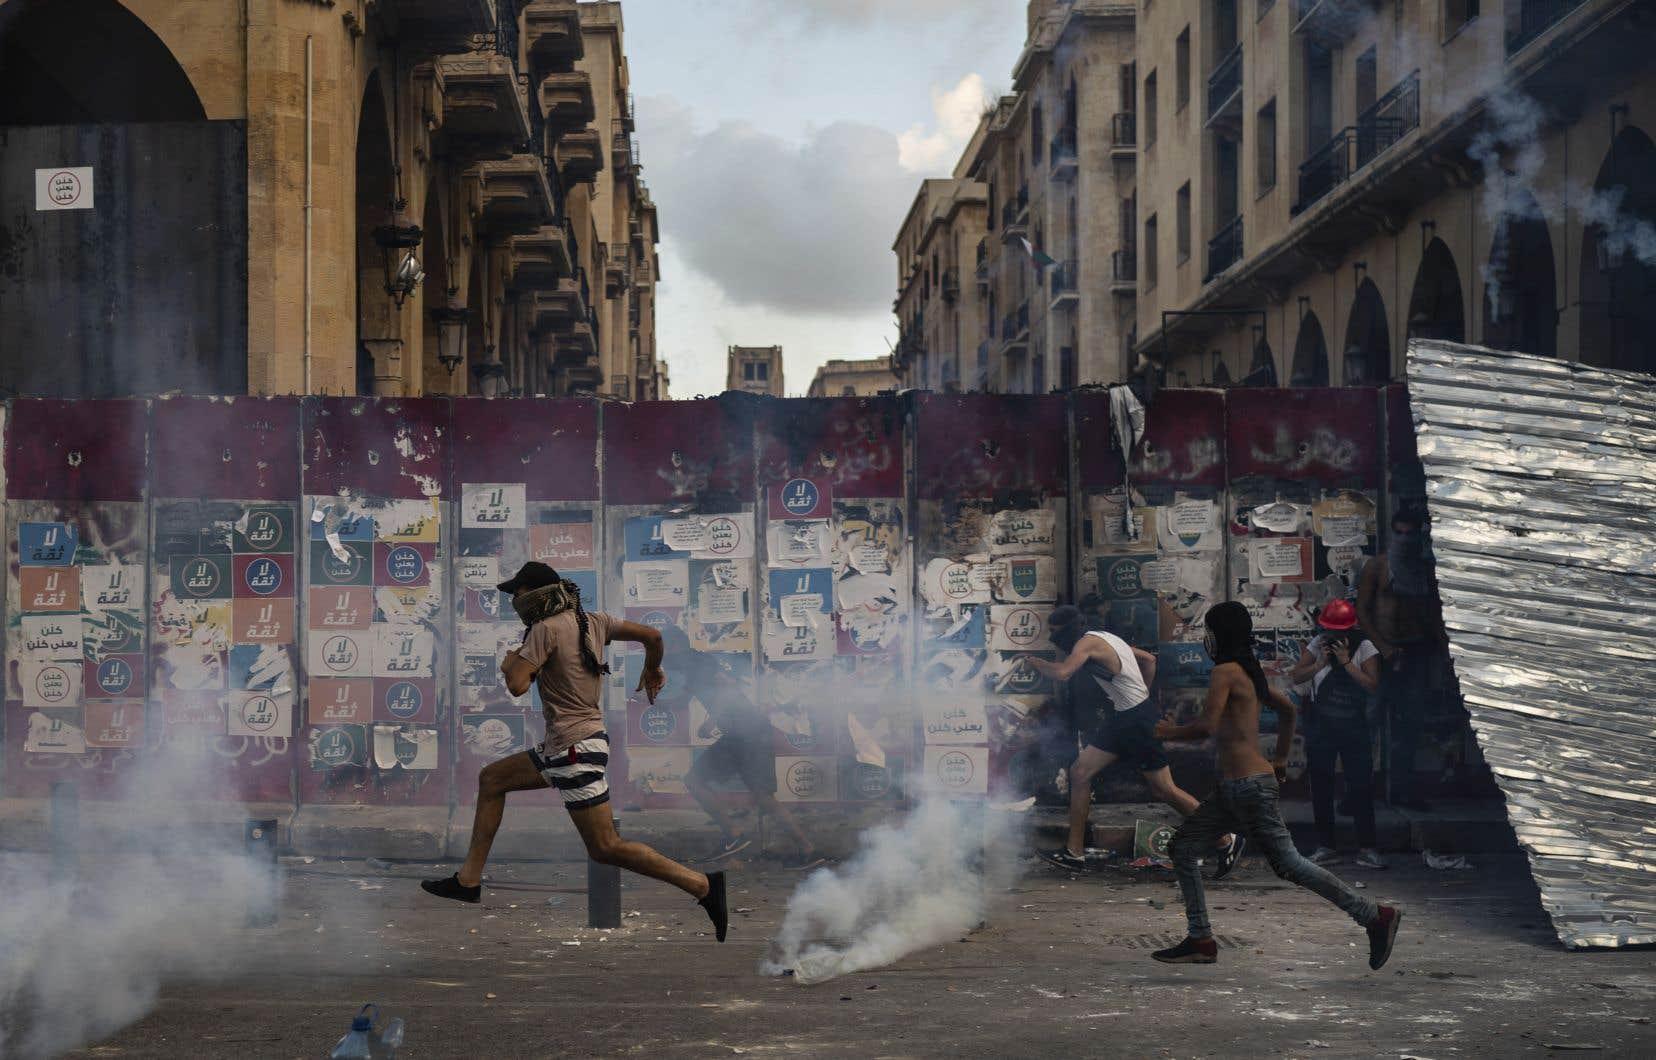 Des manifestants tentent d'échapper aux gaz lacrymogènes lancés par les forces de l'ordre à Beyrouth lundi.